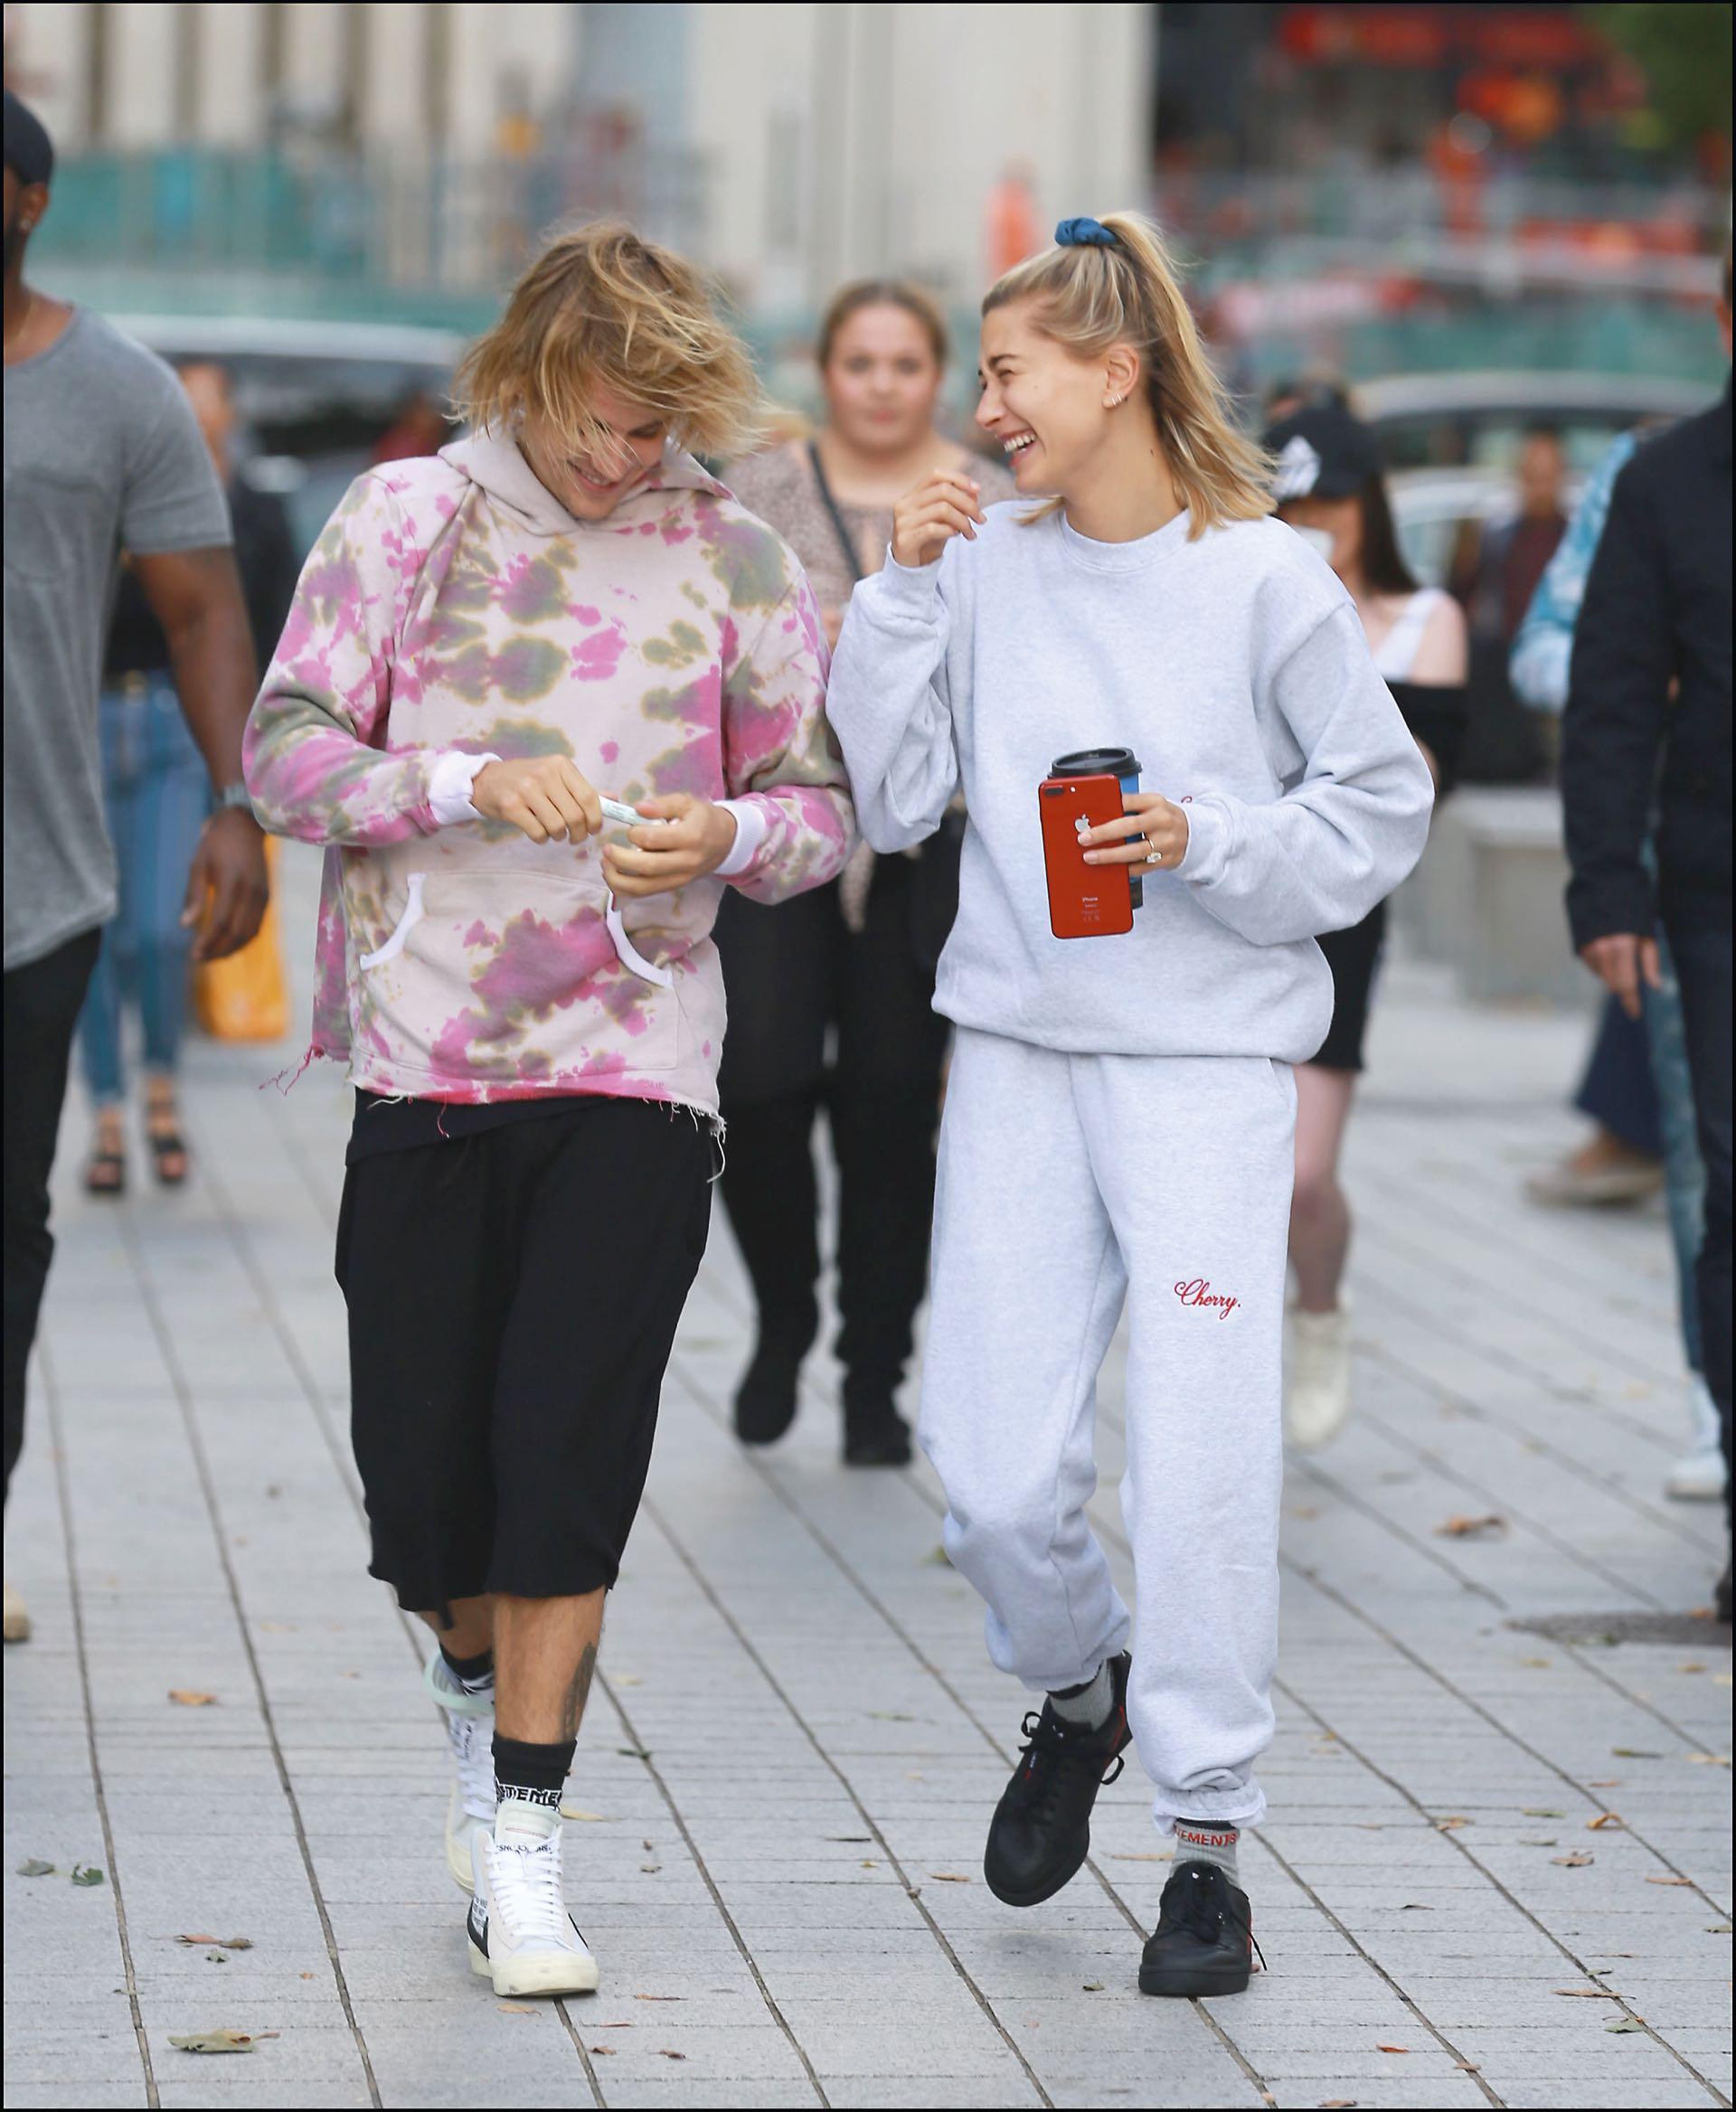 Justin y Hailey son fanáticos de las prendas oversize. Buzos y pantalones anchos son sus predilectos.